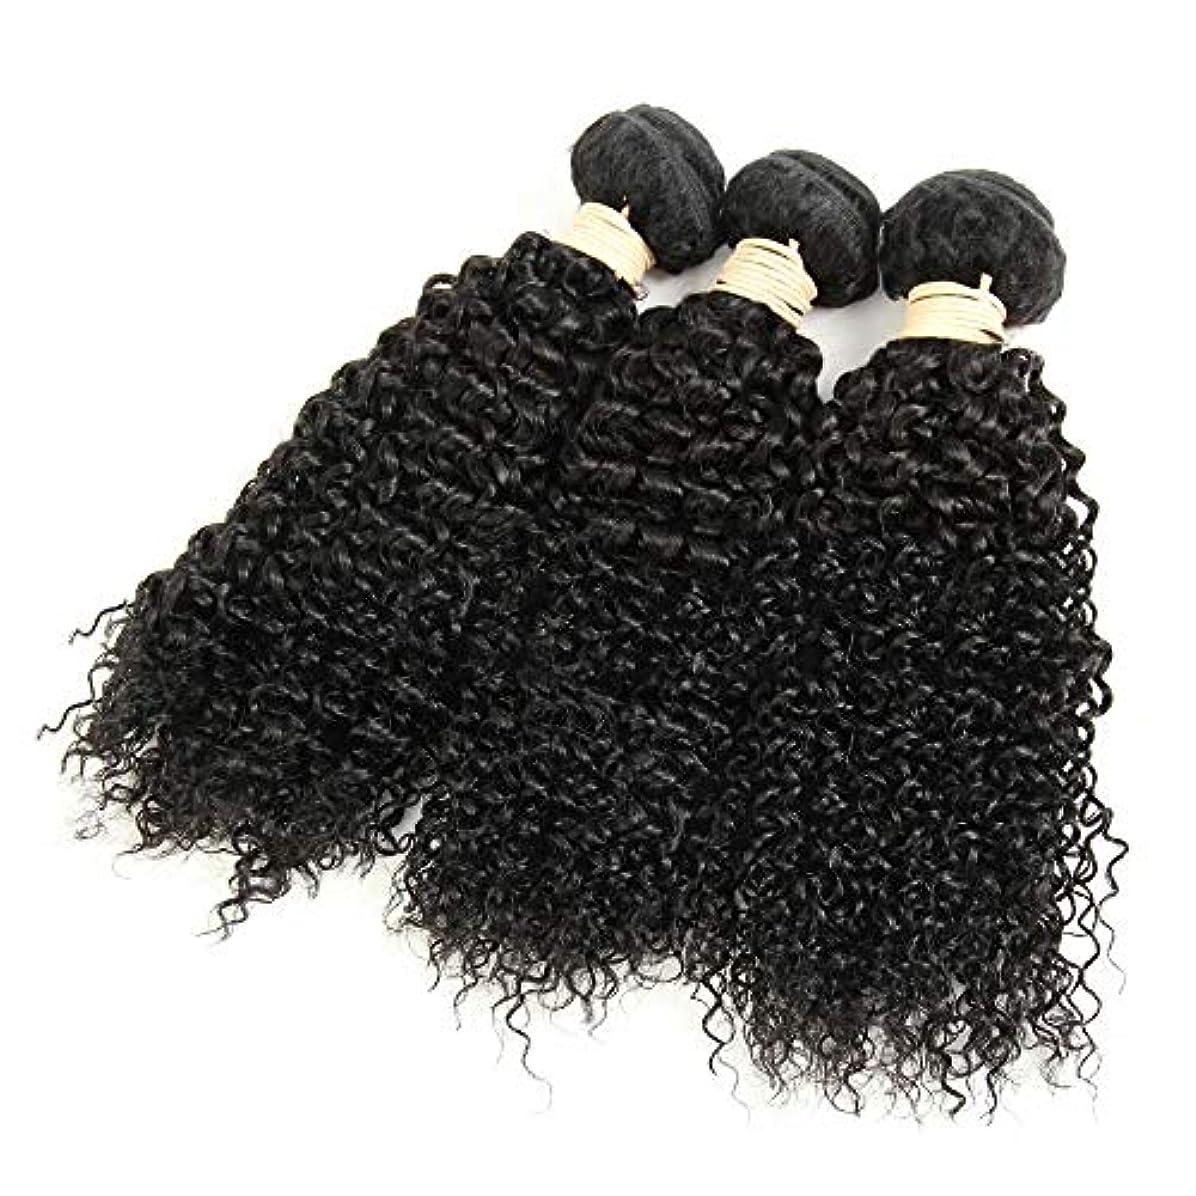 石炭ラブお肉HOHYLLYA 1バンドル変態巻き毛100%本物の人間の髪の毛の束ブラジルのディープウェーブの毛未処理の髪を編む(8